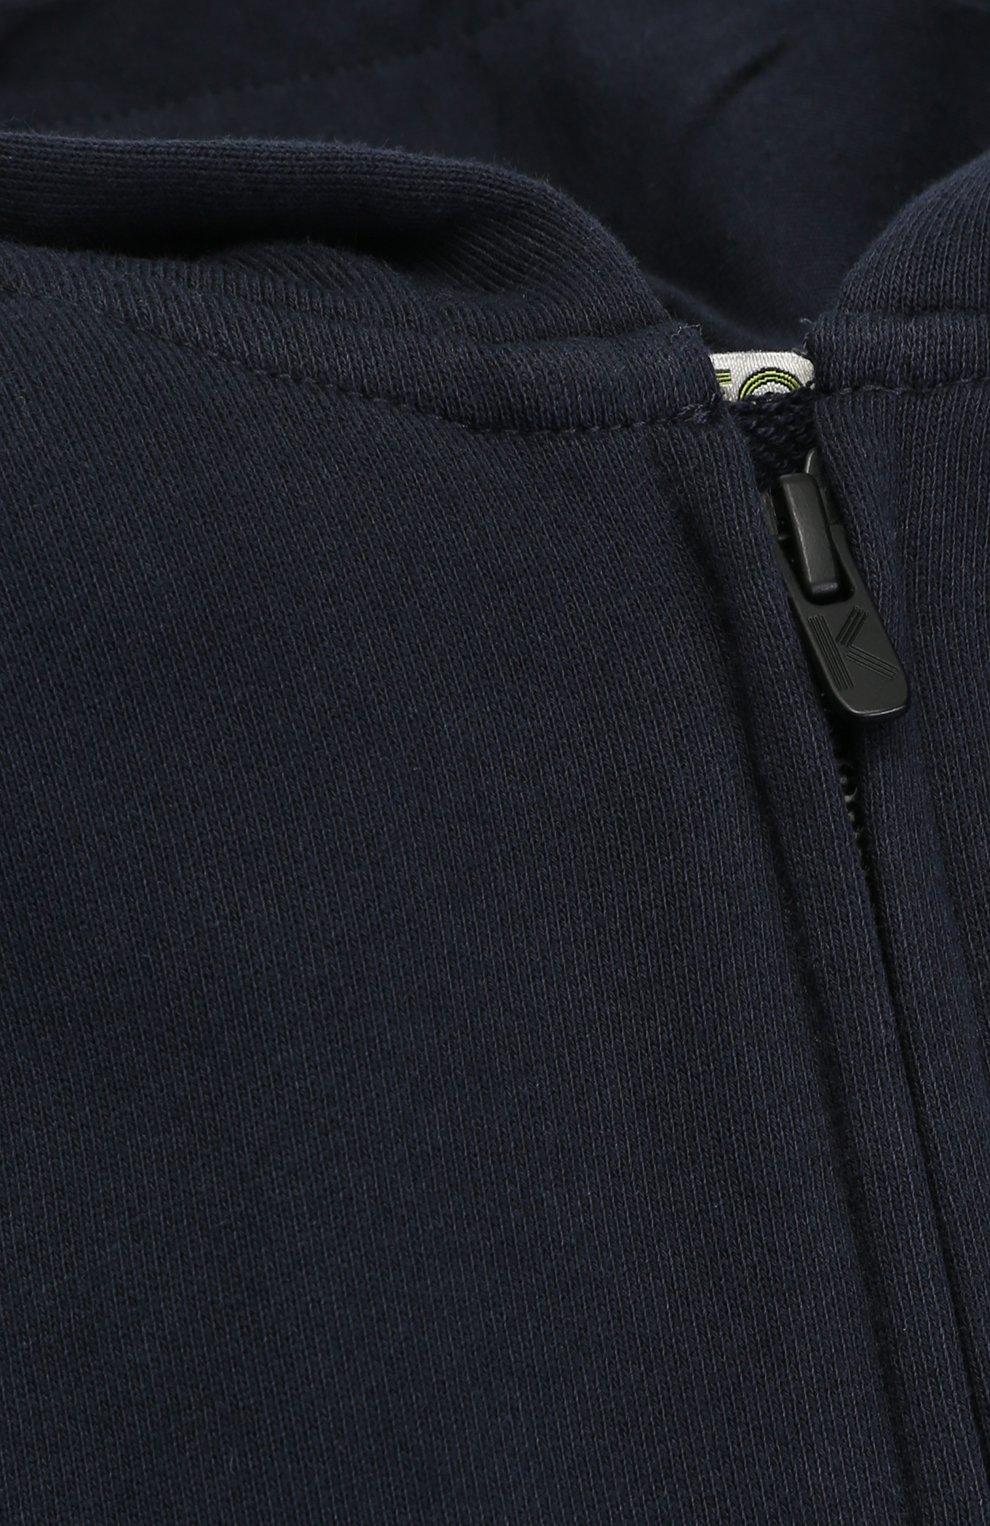 Спортивный кардиган с принтом на капюшоне | Фото №3